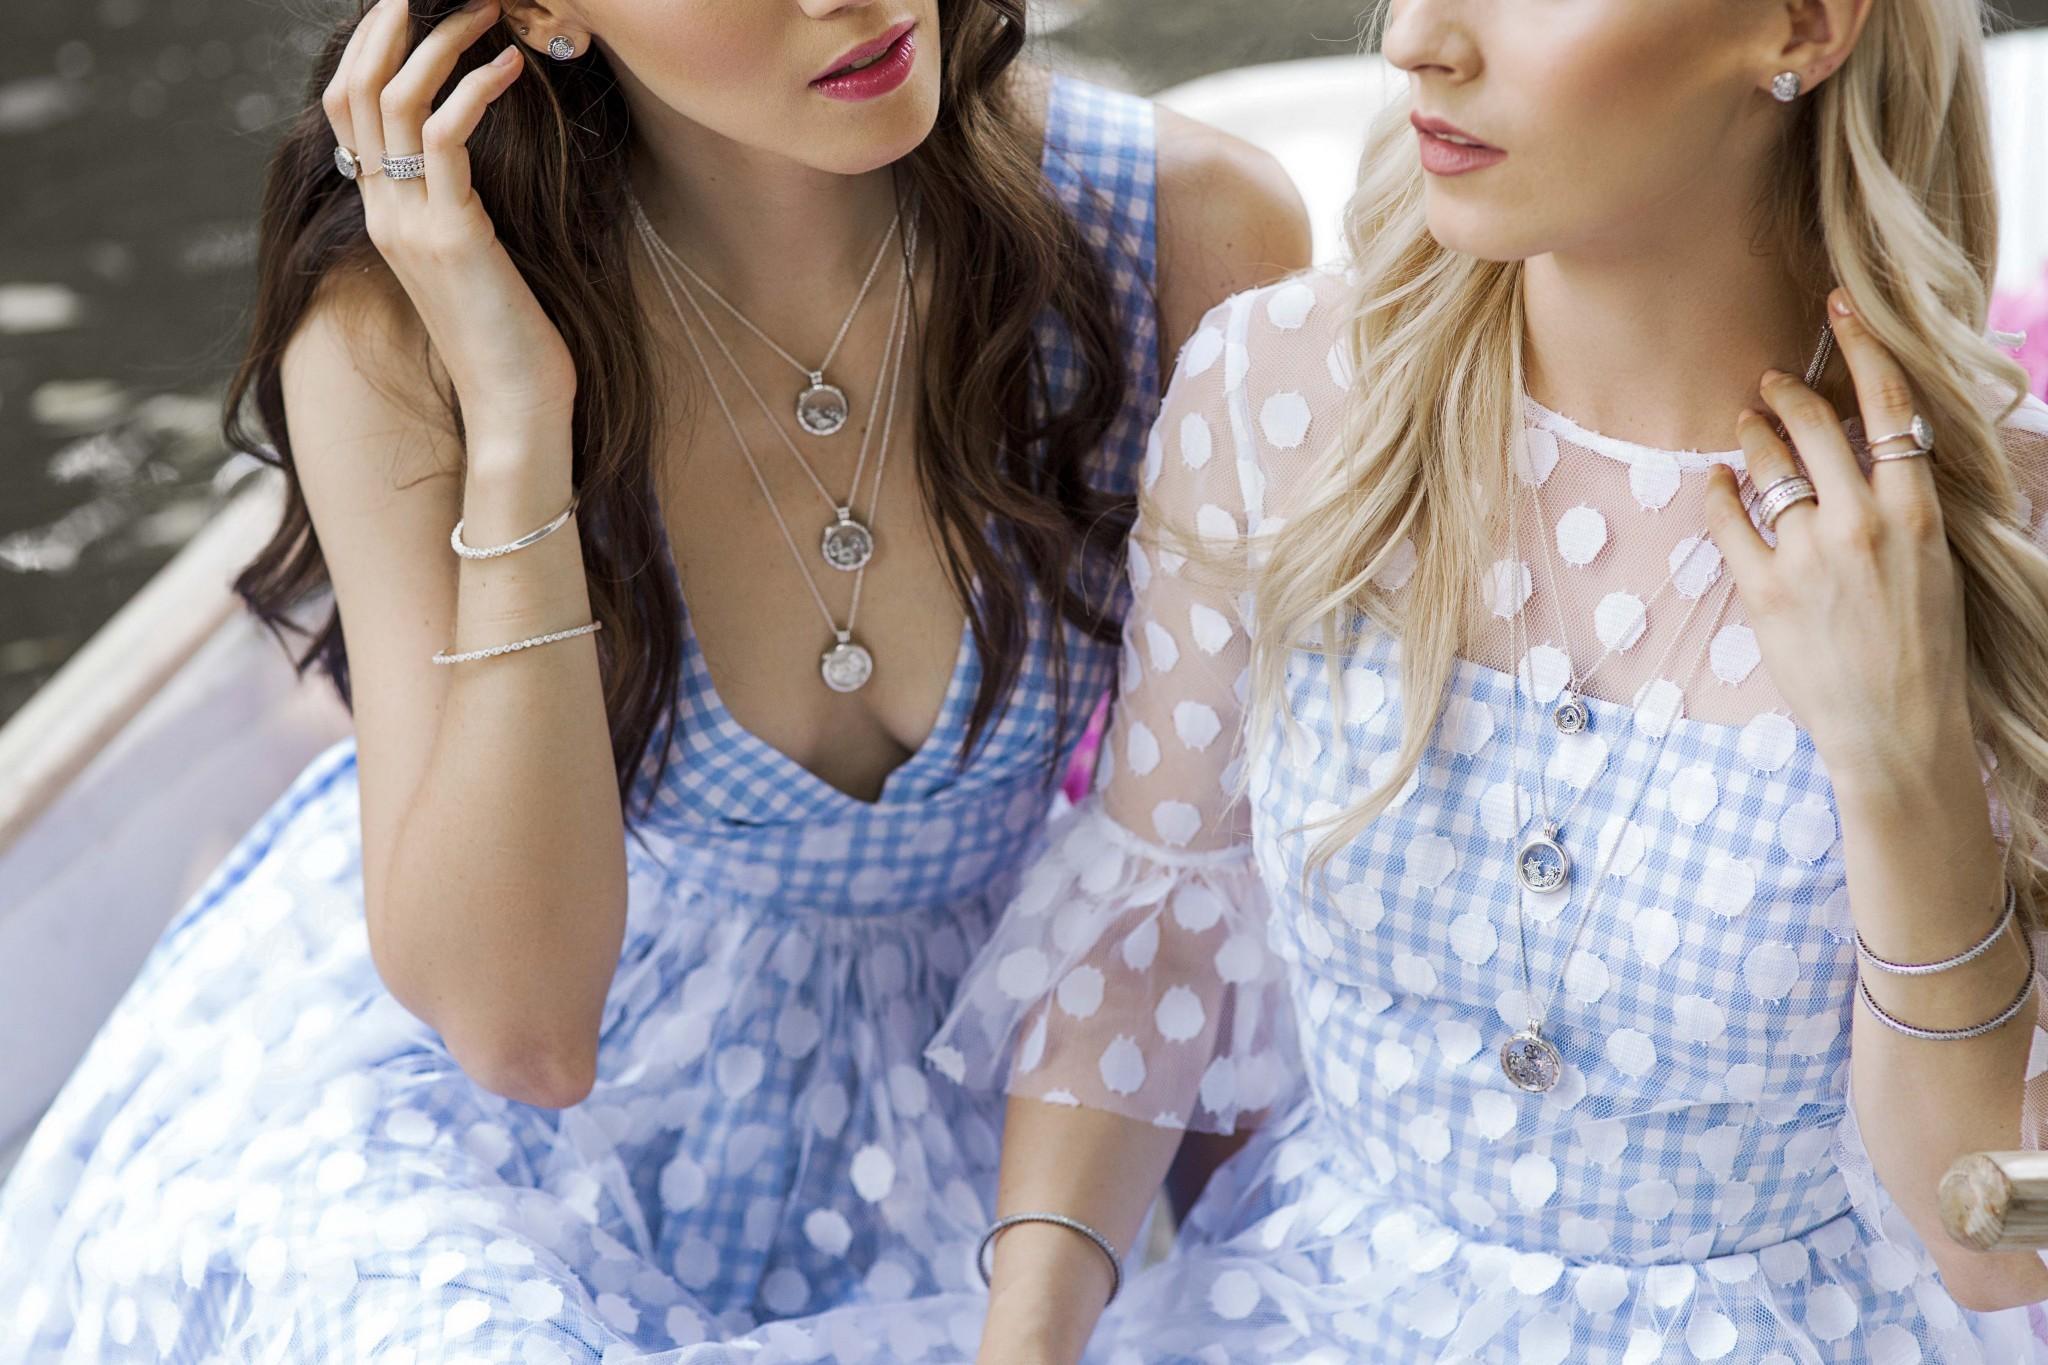 5pandora-the-look-of-you-diana-enciu-alina-tanasa-fabulous-muses-lace-trend